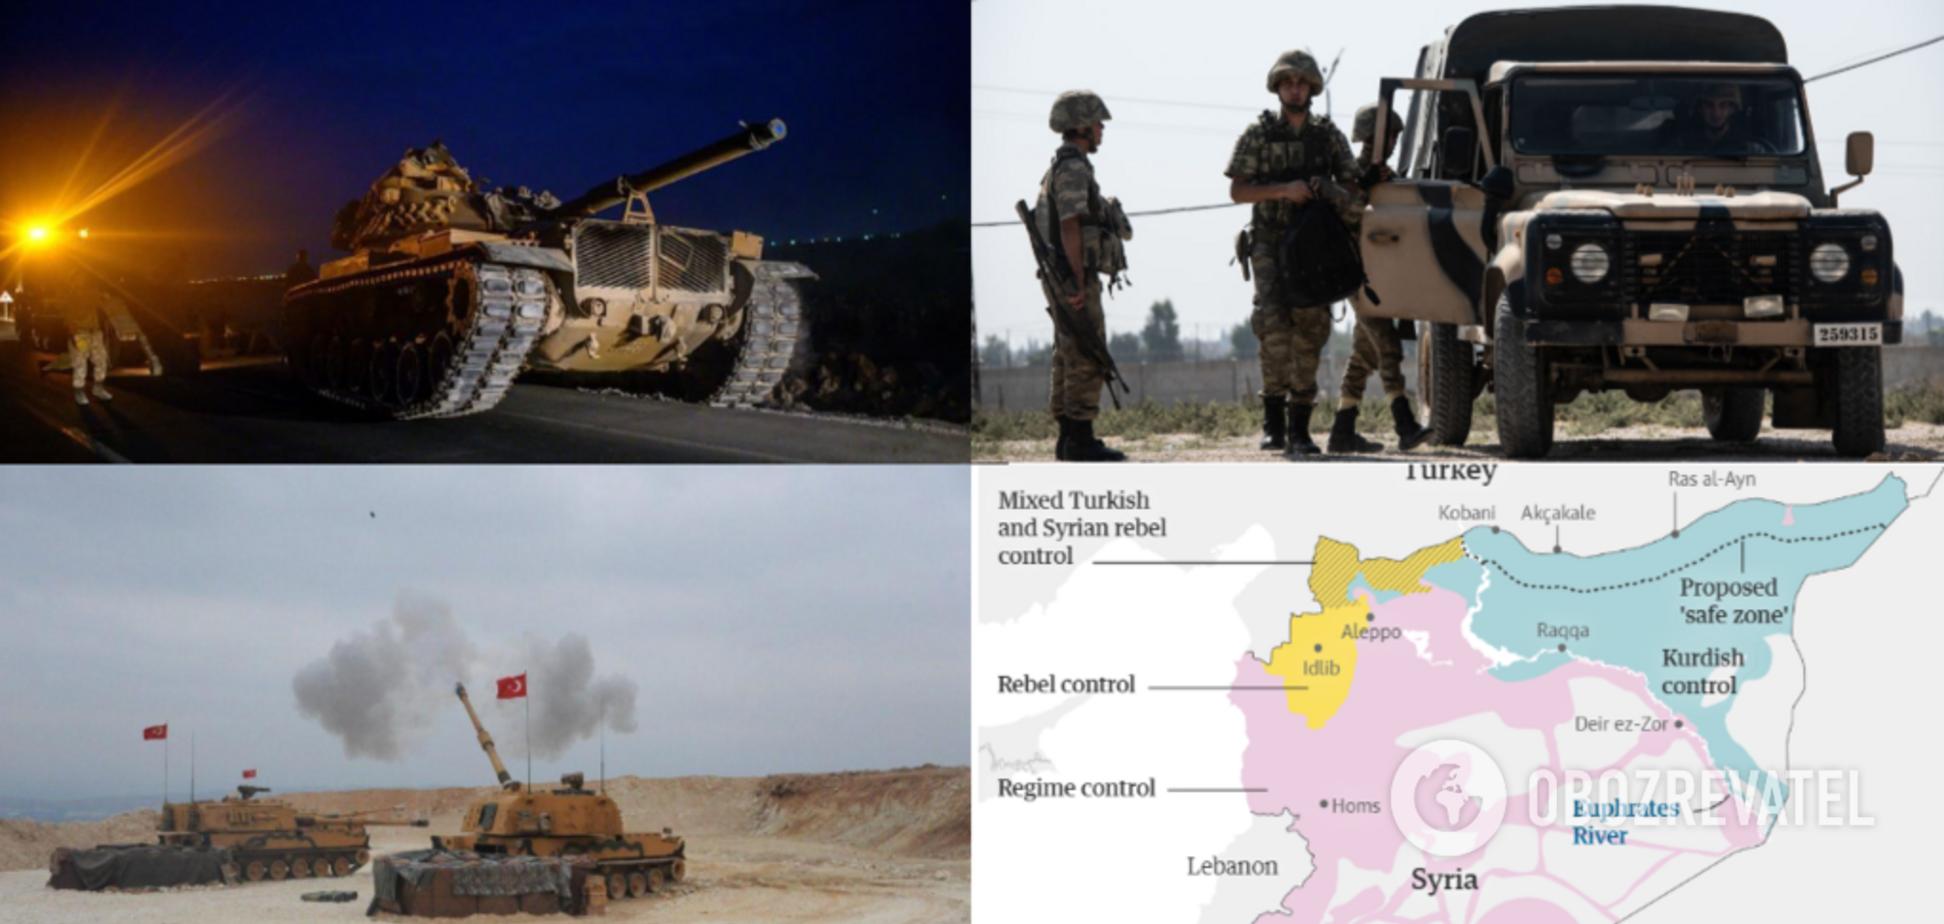 Турция начала военную операцию в Сирии: все подробности